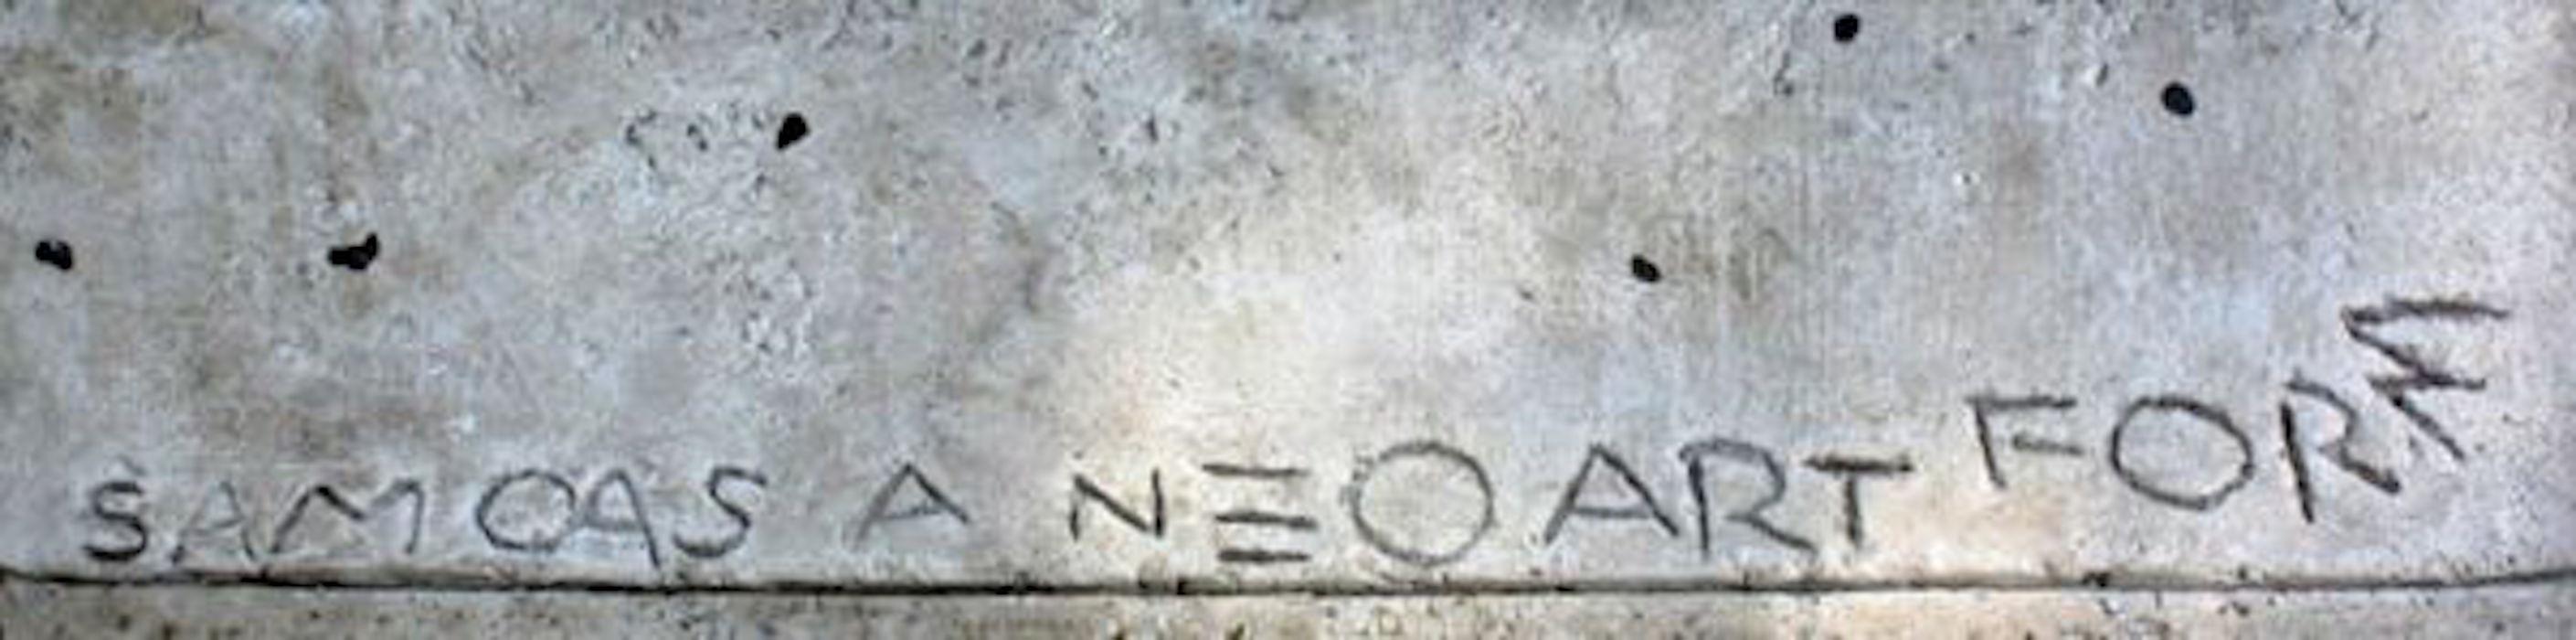 samo-as-a-neo-art-form-by-jean-michel-basquiat-1982-1372170141_b